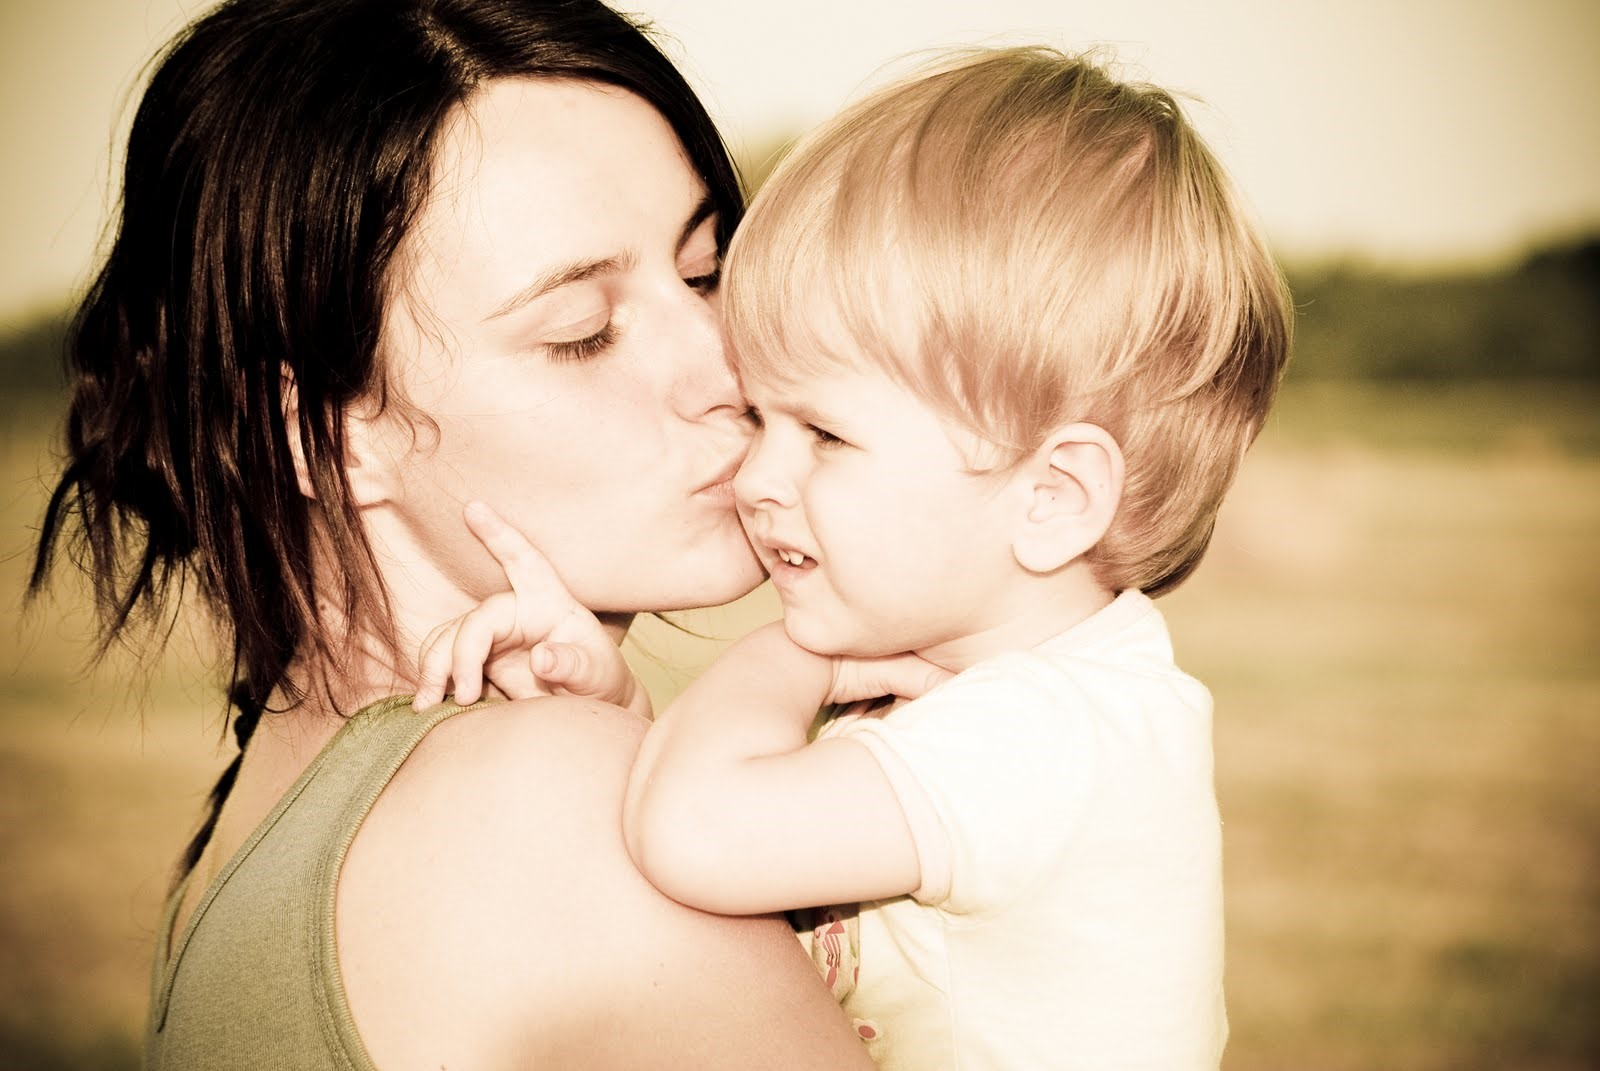 Apakah Boleh Anak Di Cium Bibirnya?